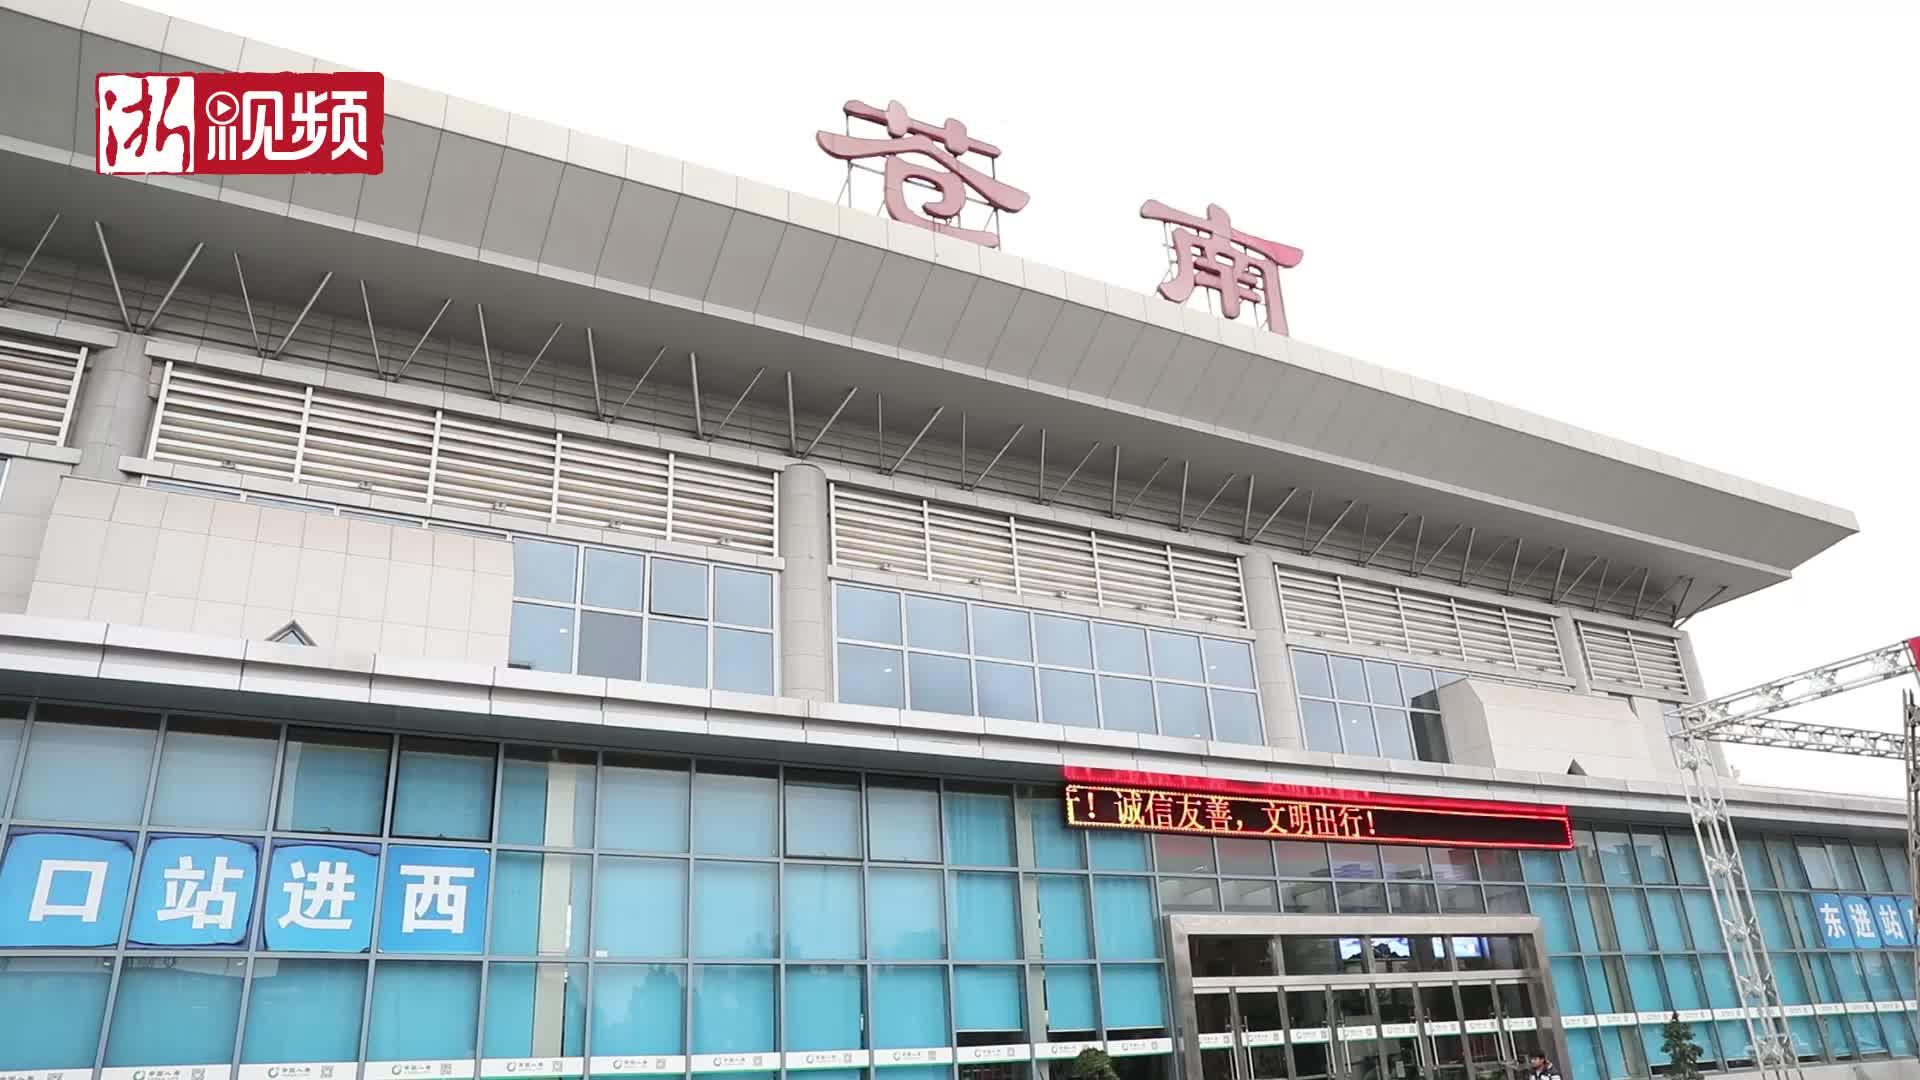 浙江首发复兴号高铁感受风一样的速度